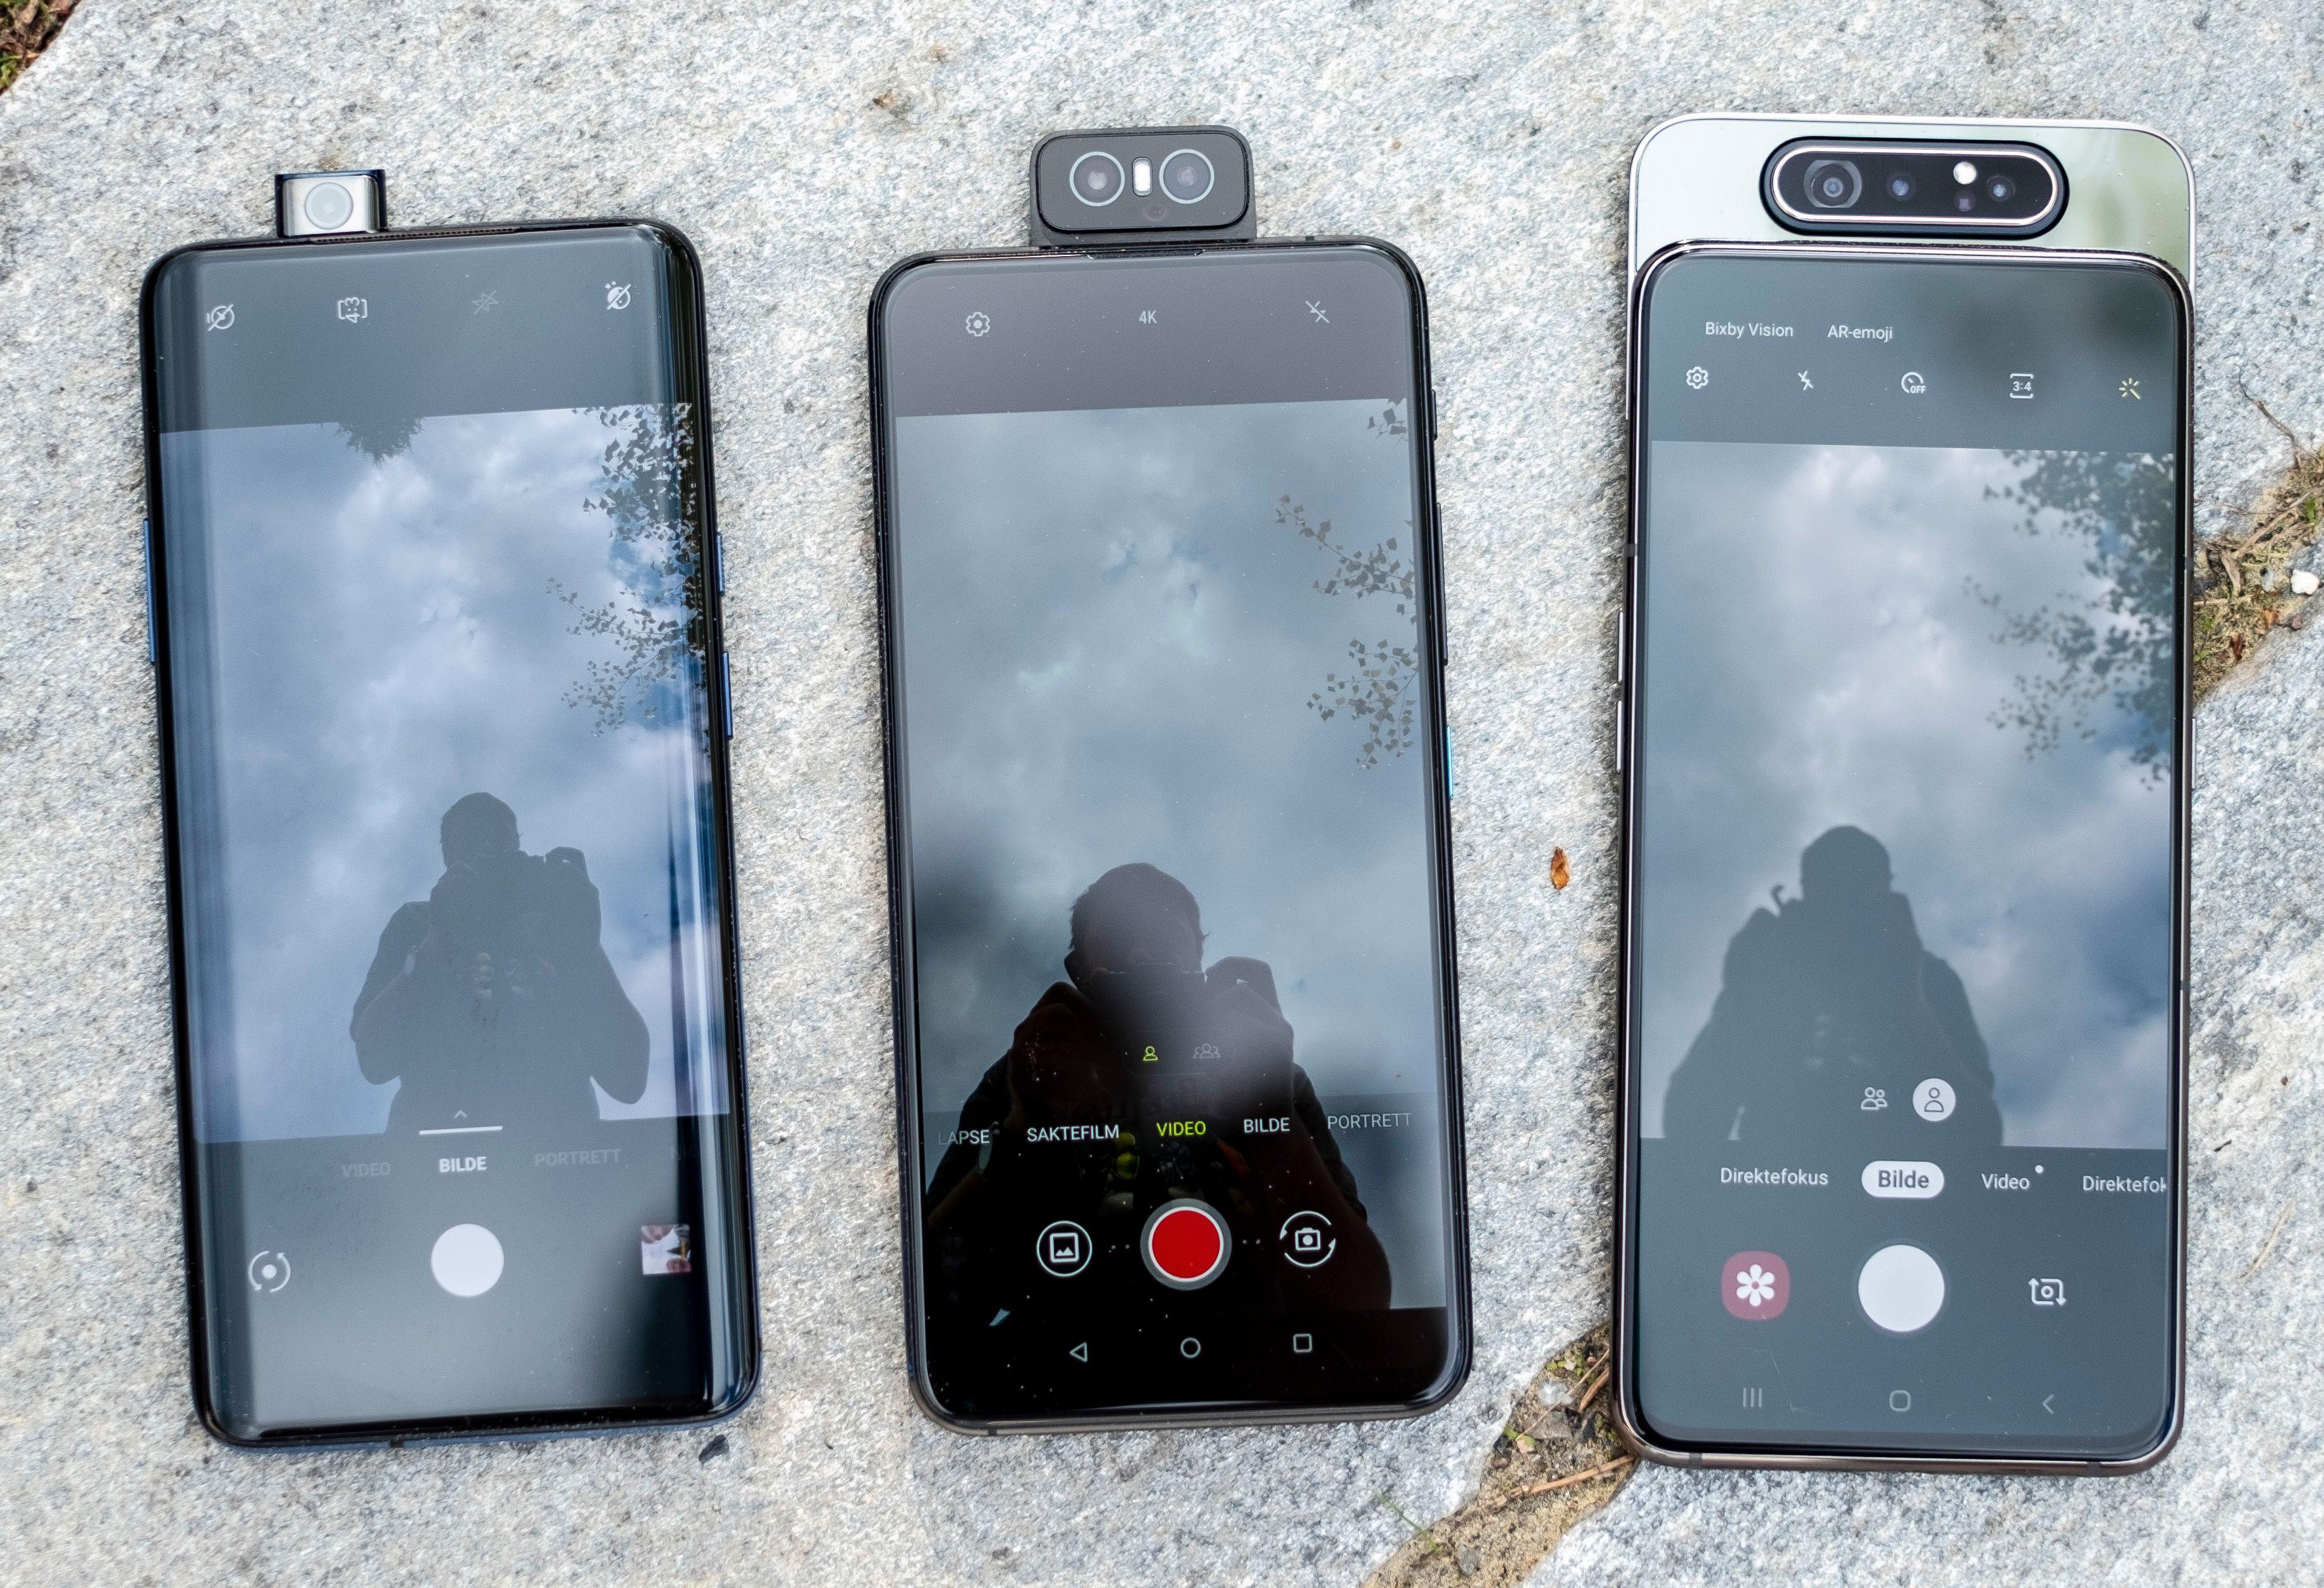 De tre særeste selfiekameraene på telefoner du kan kjøpe i norske butikker akkurat nå - fra venstre: OnePlus 7 Pro, Asus Zenfone 6 og Samsung Galaxy A80.